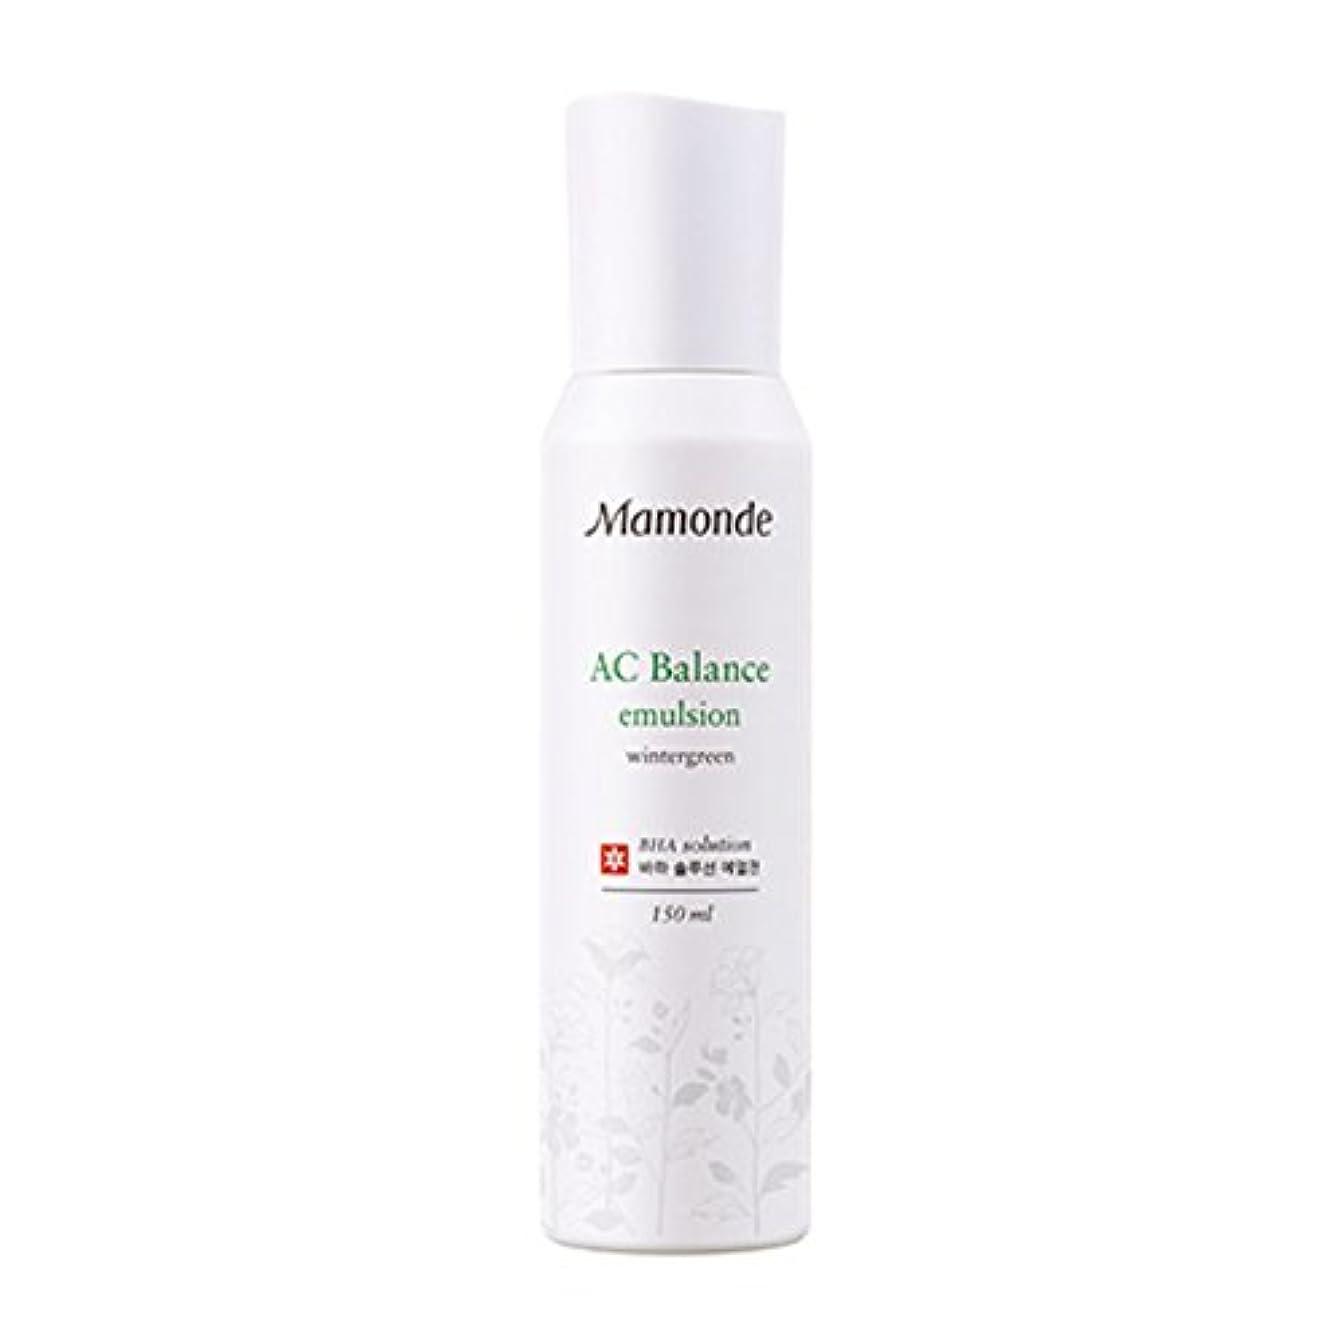 本質的ではない劇場結紮[New] Mamonde AC Balance Emulsion 150ml/マモンド AC バランス エマルジョン 150ml [並行輸入品]